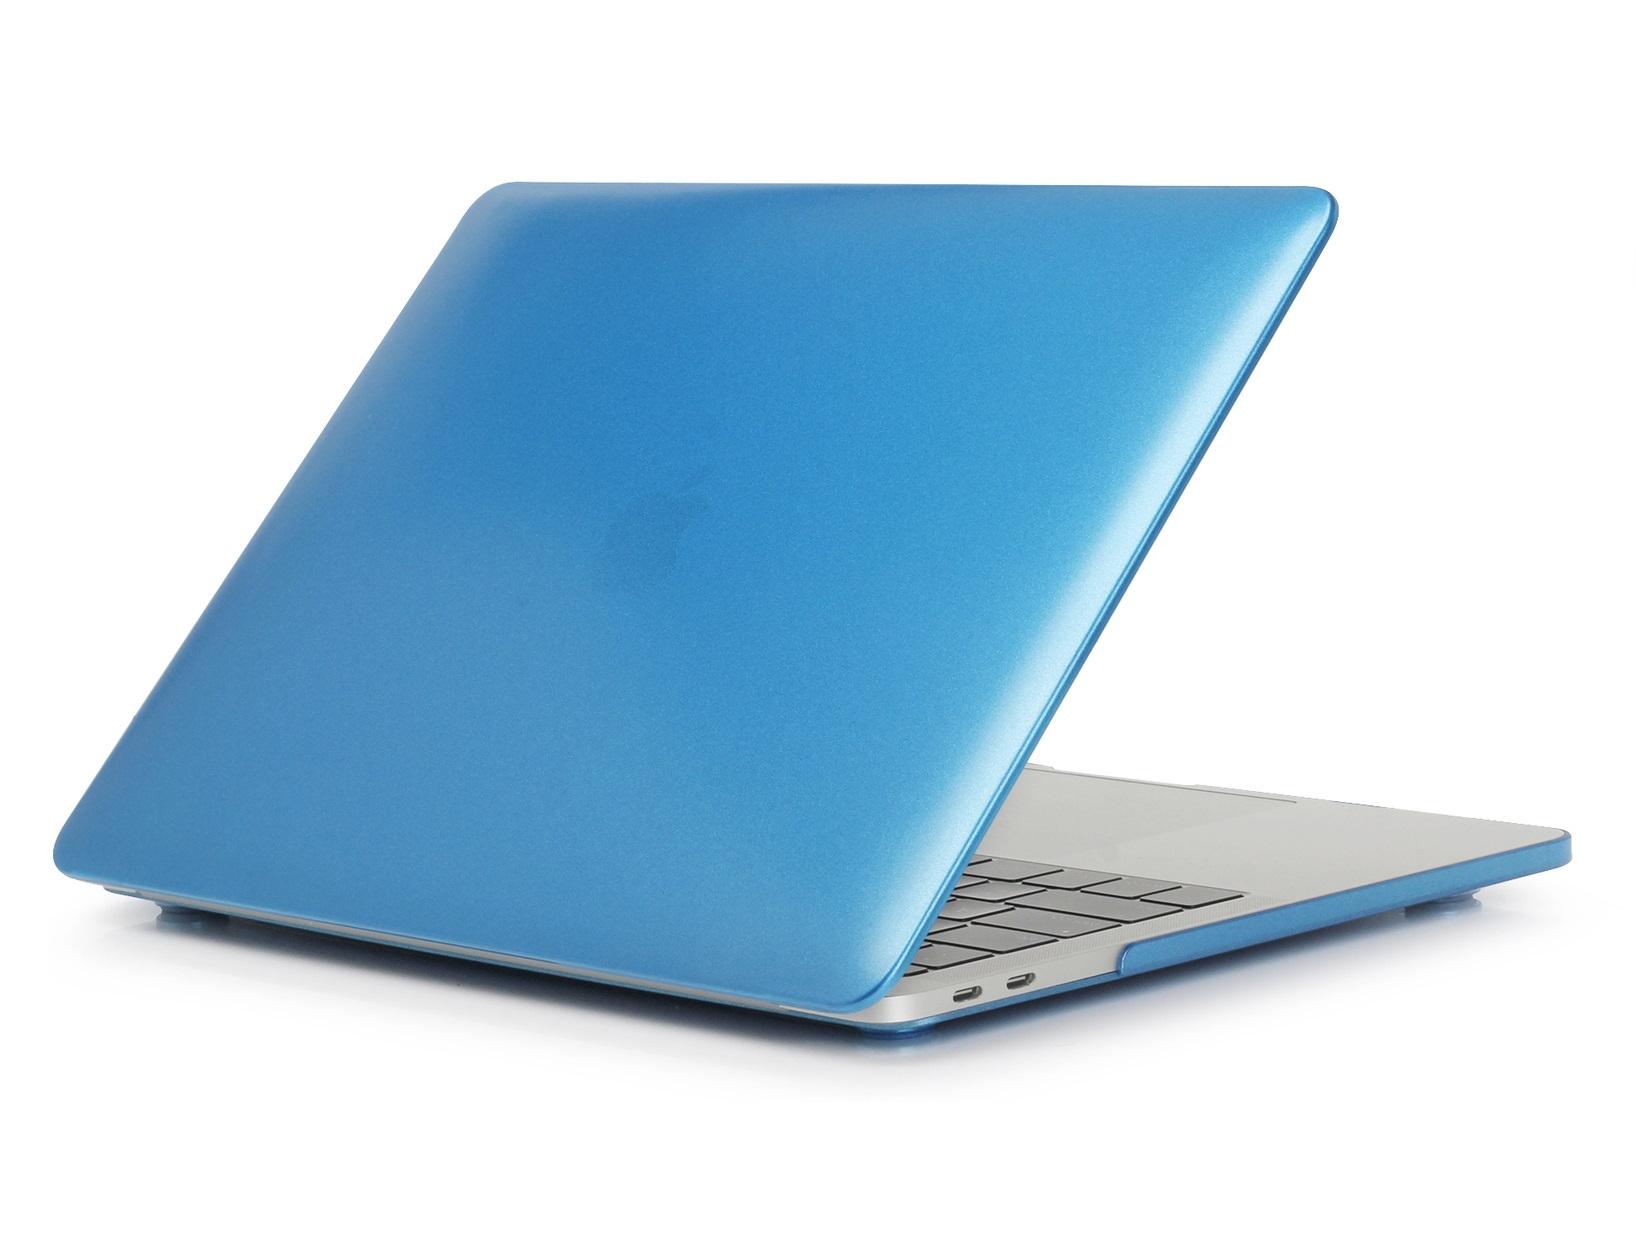 """Carcasa de protectie albastra semitransparenta eStuff pentru Apple MacBook Pro 13"""" (Retina, Late 2016) A1706 Touch Bar, 13"""" (Retina, Late 2016) A1708, 13"""" (Retina, Mid 2018) A1989, 13"""" (2017, Retina) Touch Bar 4TBT3"""